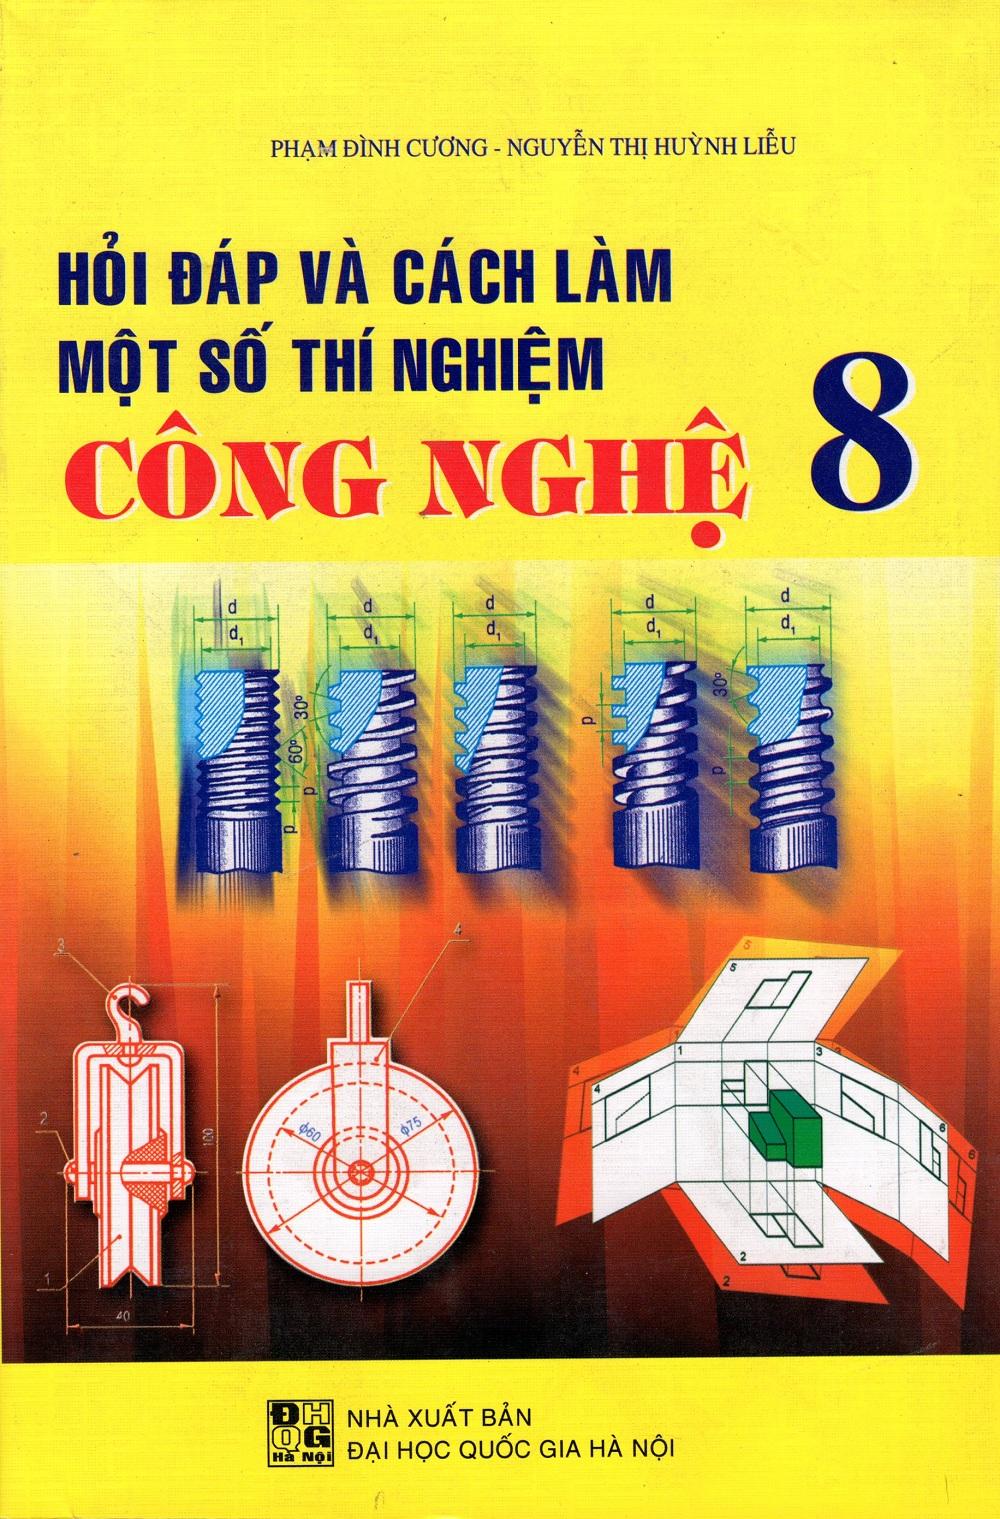 Hỏi Đáp Và Cách Làm Một Số Thí Nghiệm Công Nghệ Lớp 8 - 8936036299205,62_217165,35000,tiki.vn,Hoi-Dap-Va-Cach-Lam-Mot-So-Thi-Nghiem-Cong-Nghe-Lop-8-62_217165,Hỏi Đáp Và Cách Làm Một Số Thí Nghiệm Công Nghệ Lớp 8